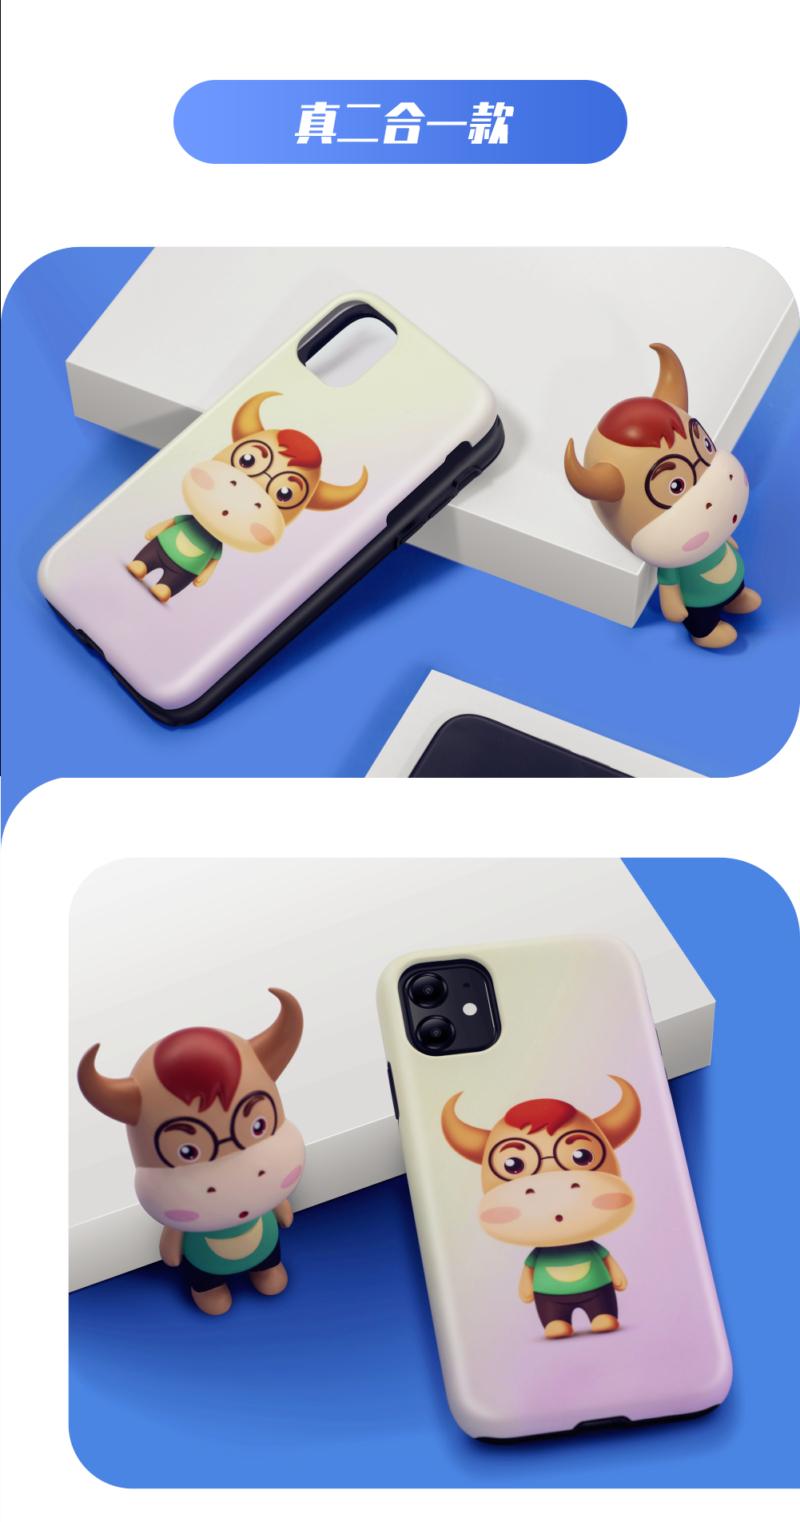 幸运十二生肖 真二合一/小蛮腰 苹果/华为系列手机壳插图(8)